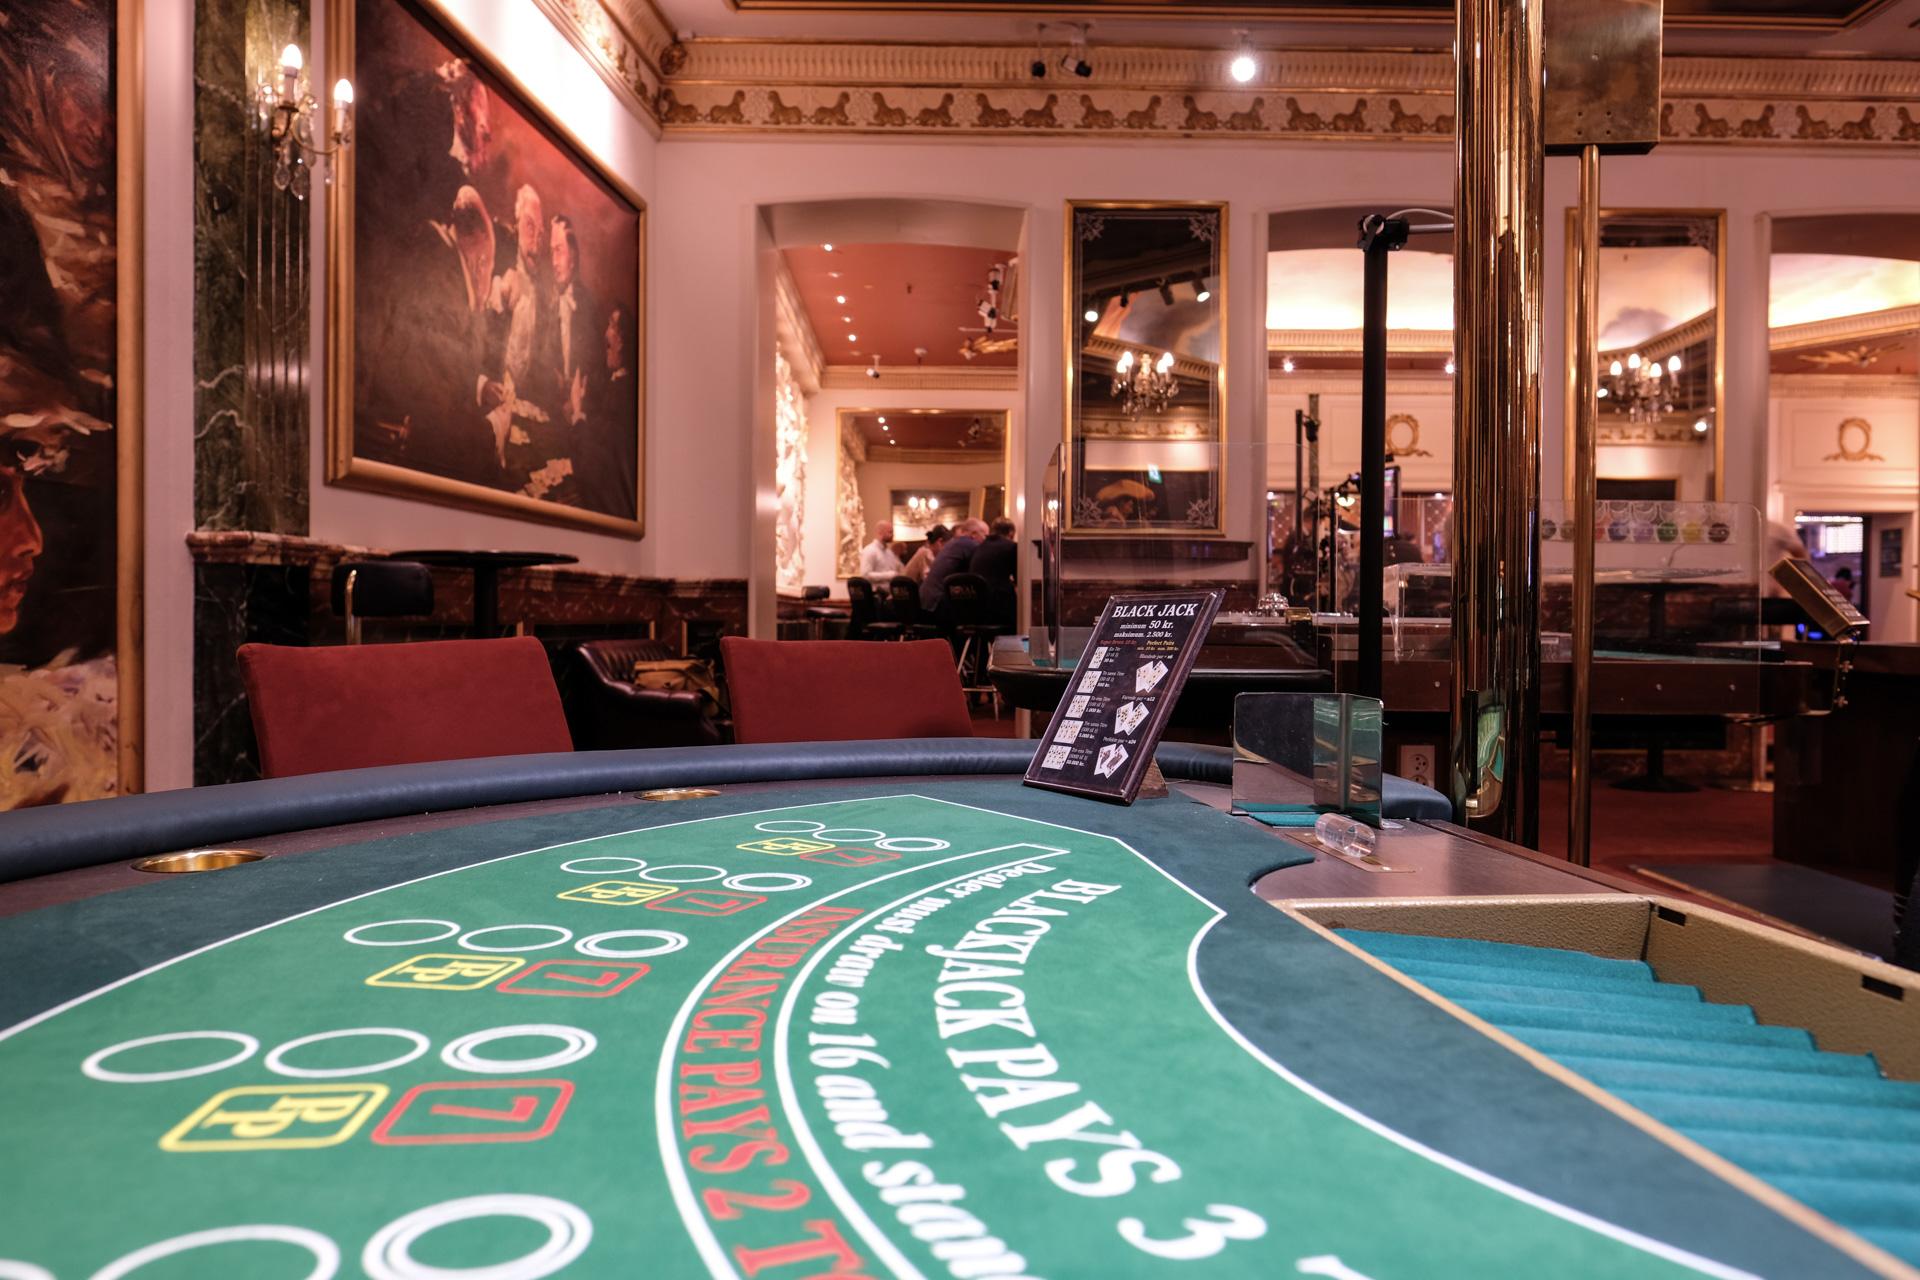 10 kroner på sort 8: Royal Casino er en sjælden tidslomme - og lever i bedste velgående